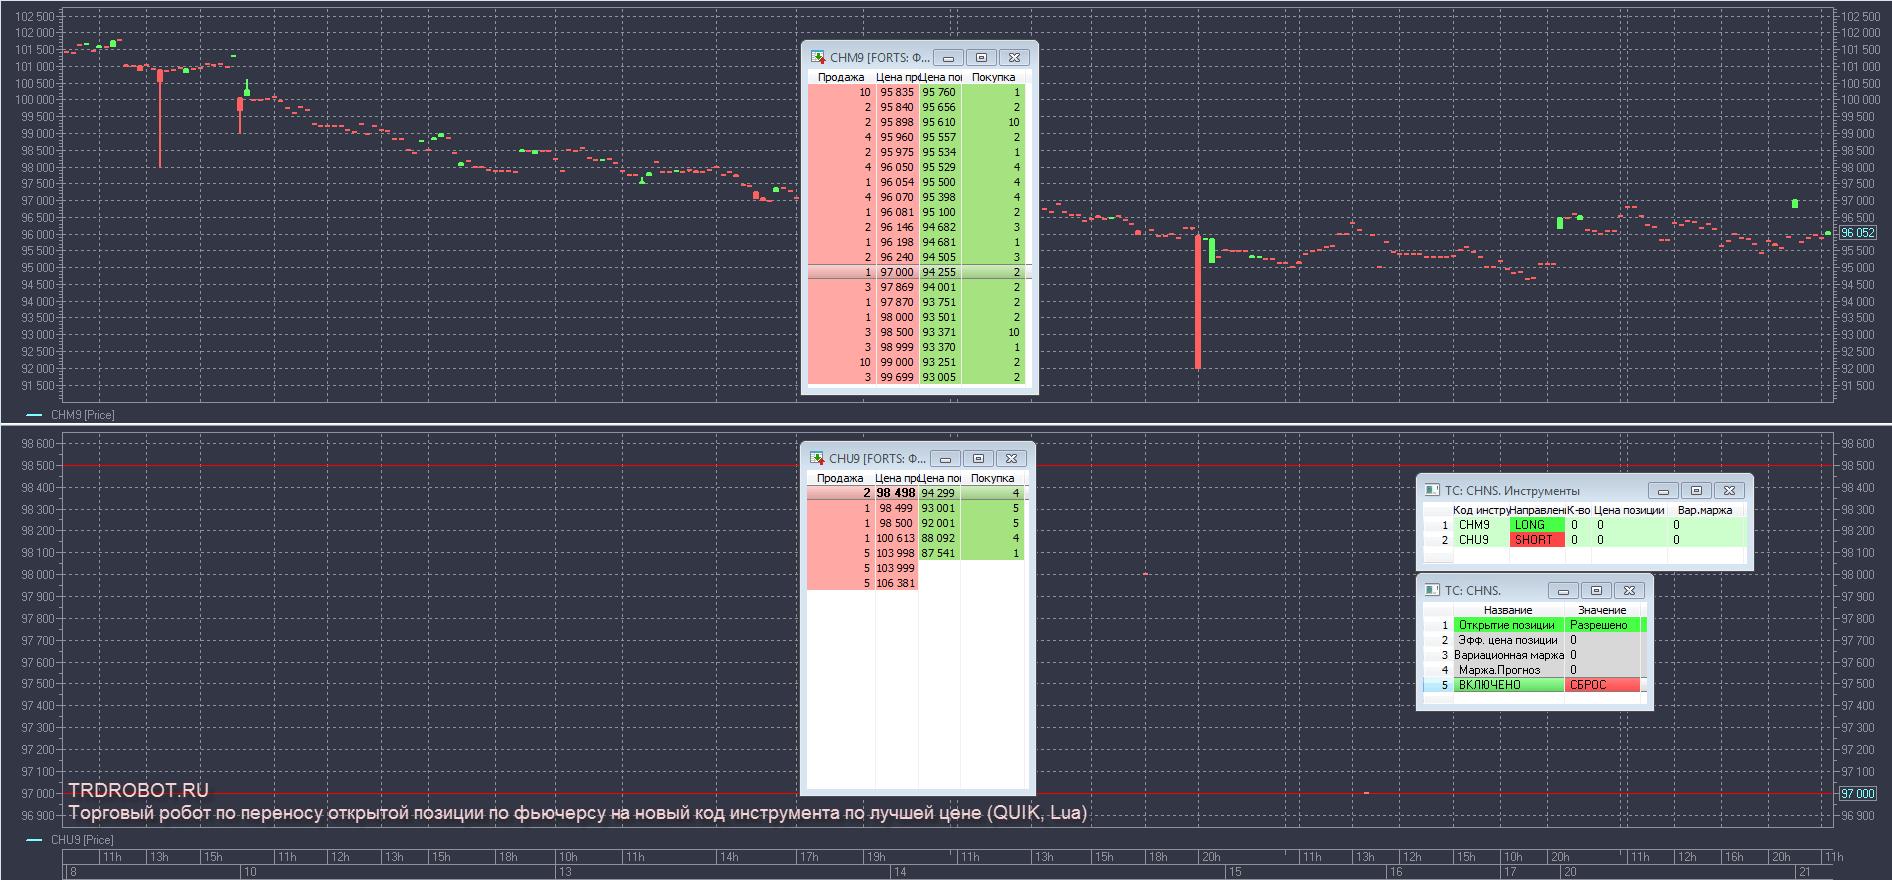 Торговый робот по переносу открытой позиции по фьючерсу на новый код инструмента по лучшей цене QUIK, Lua